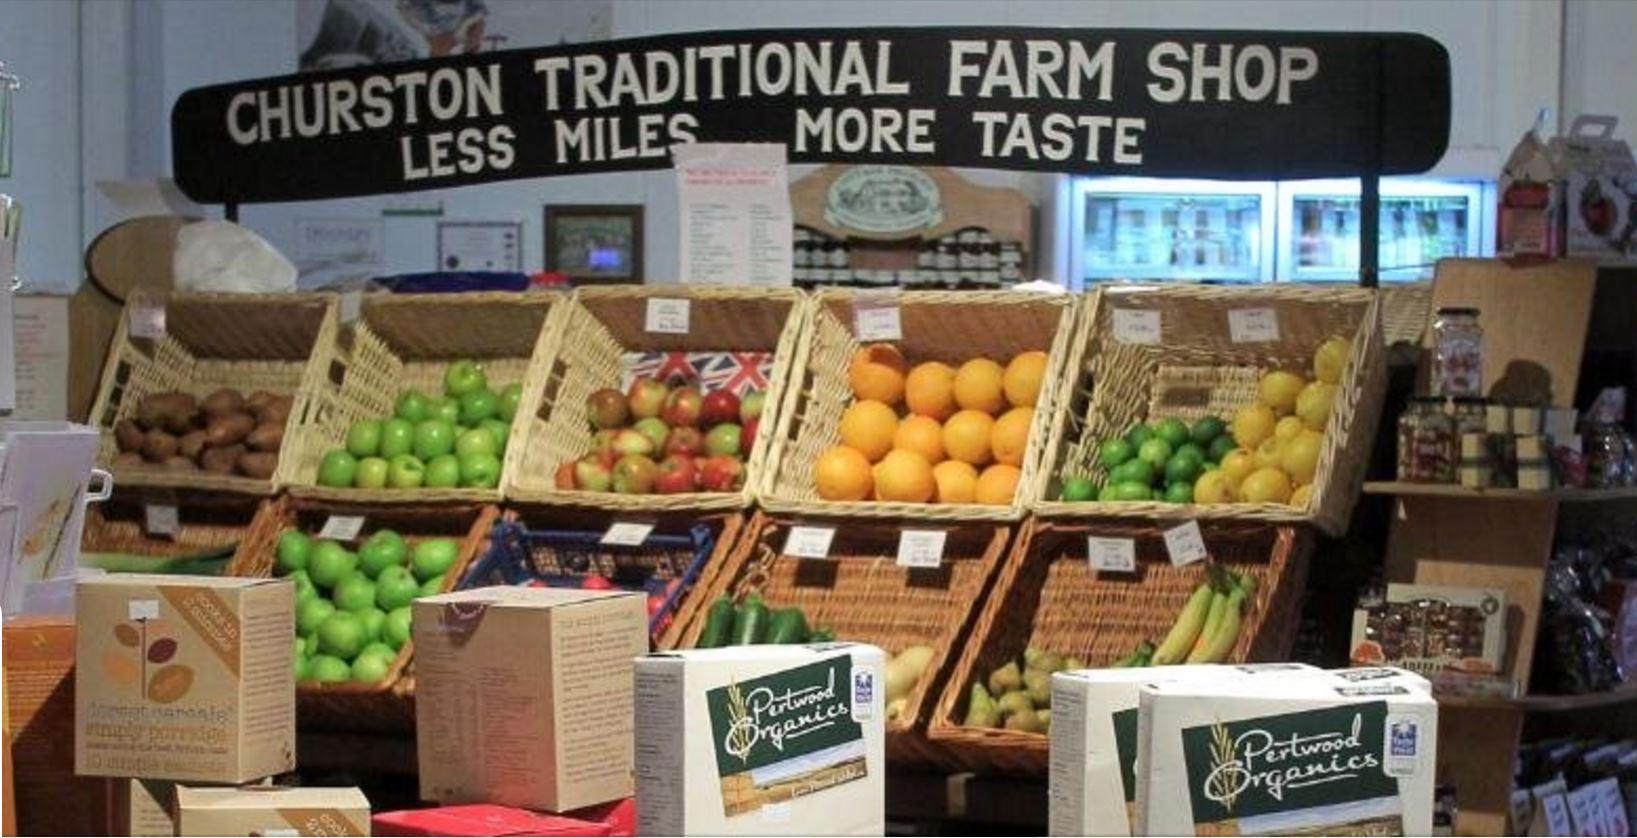 shop front view of Churston Farm Shop